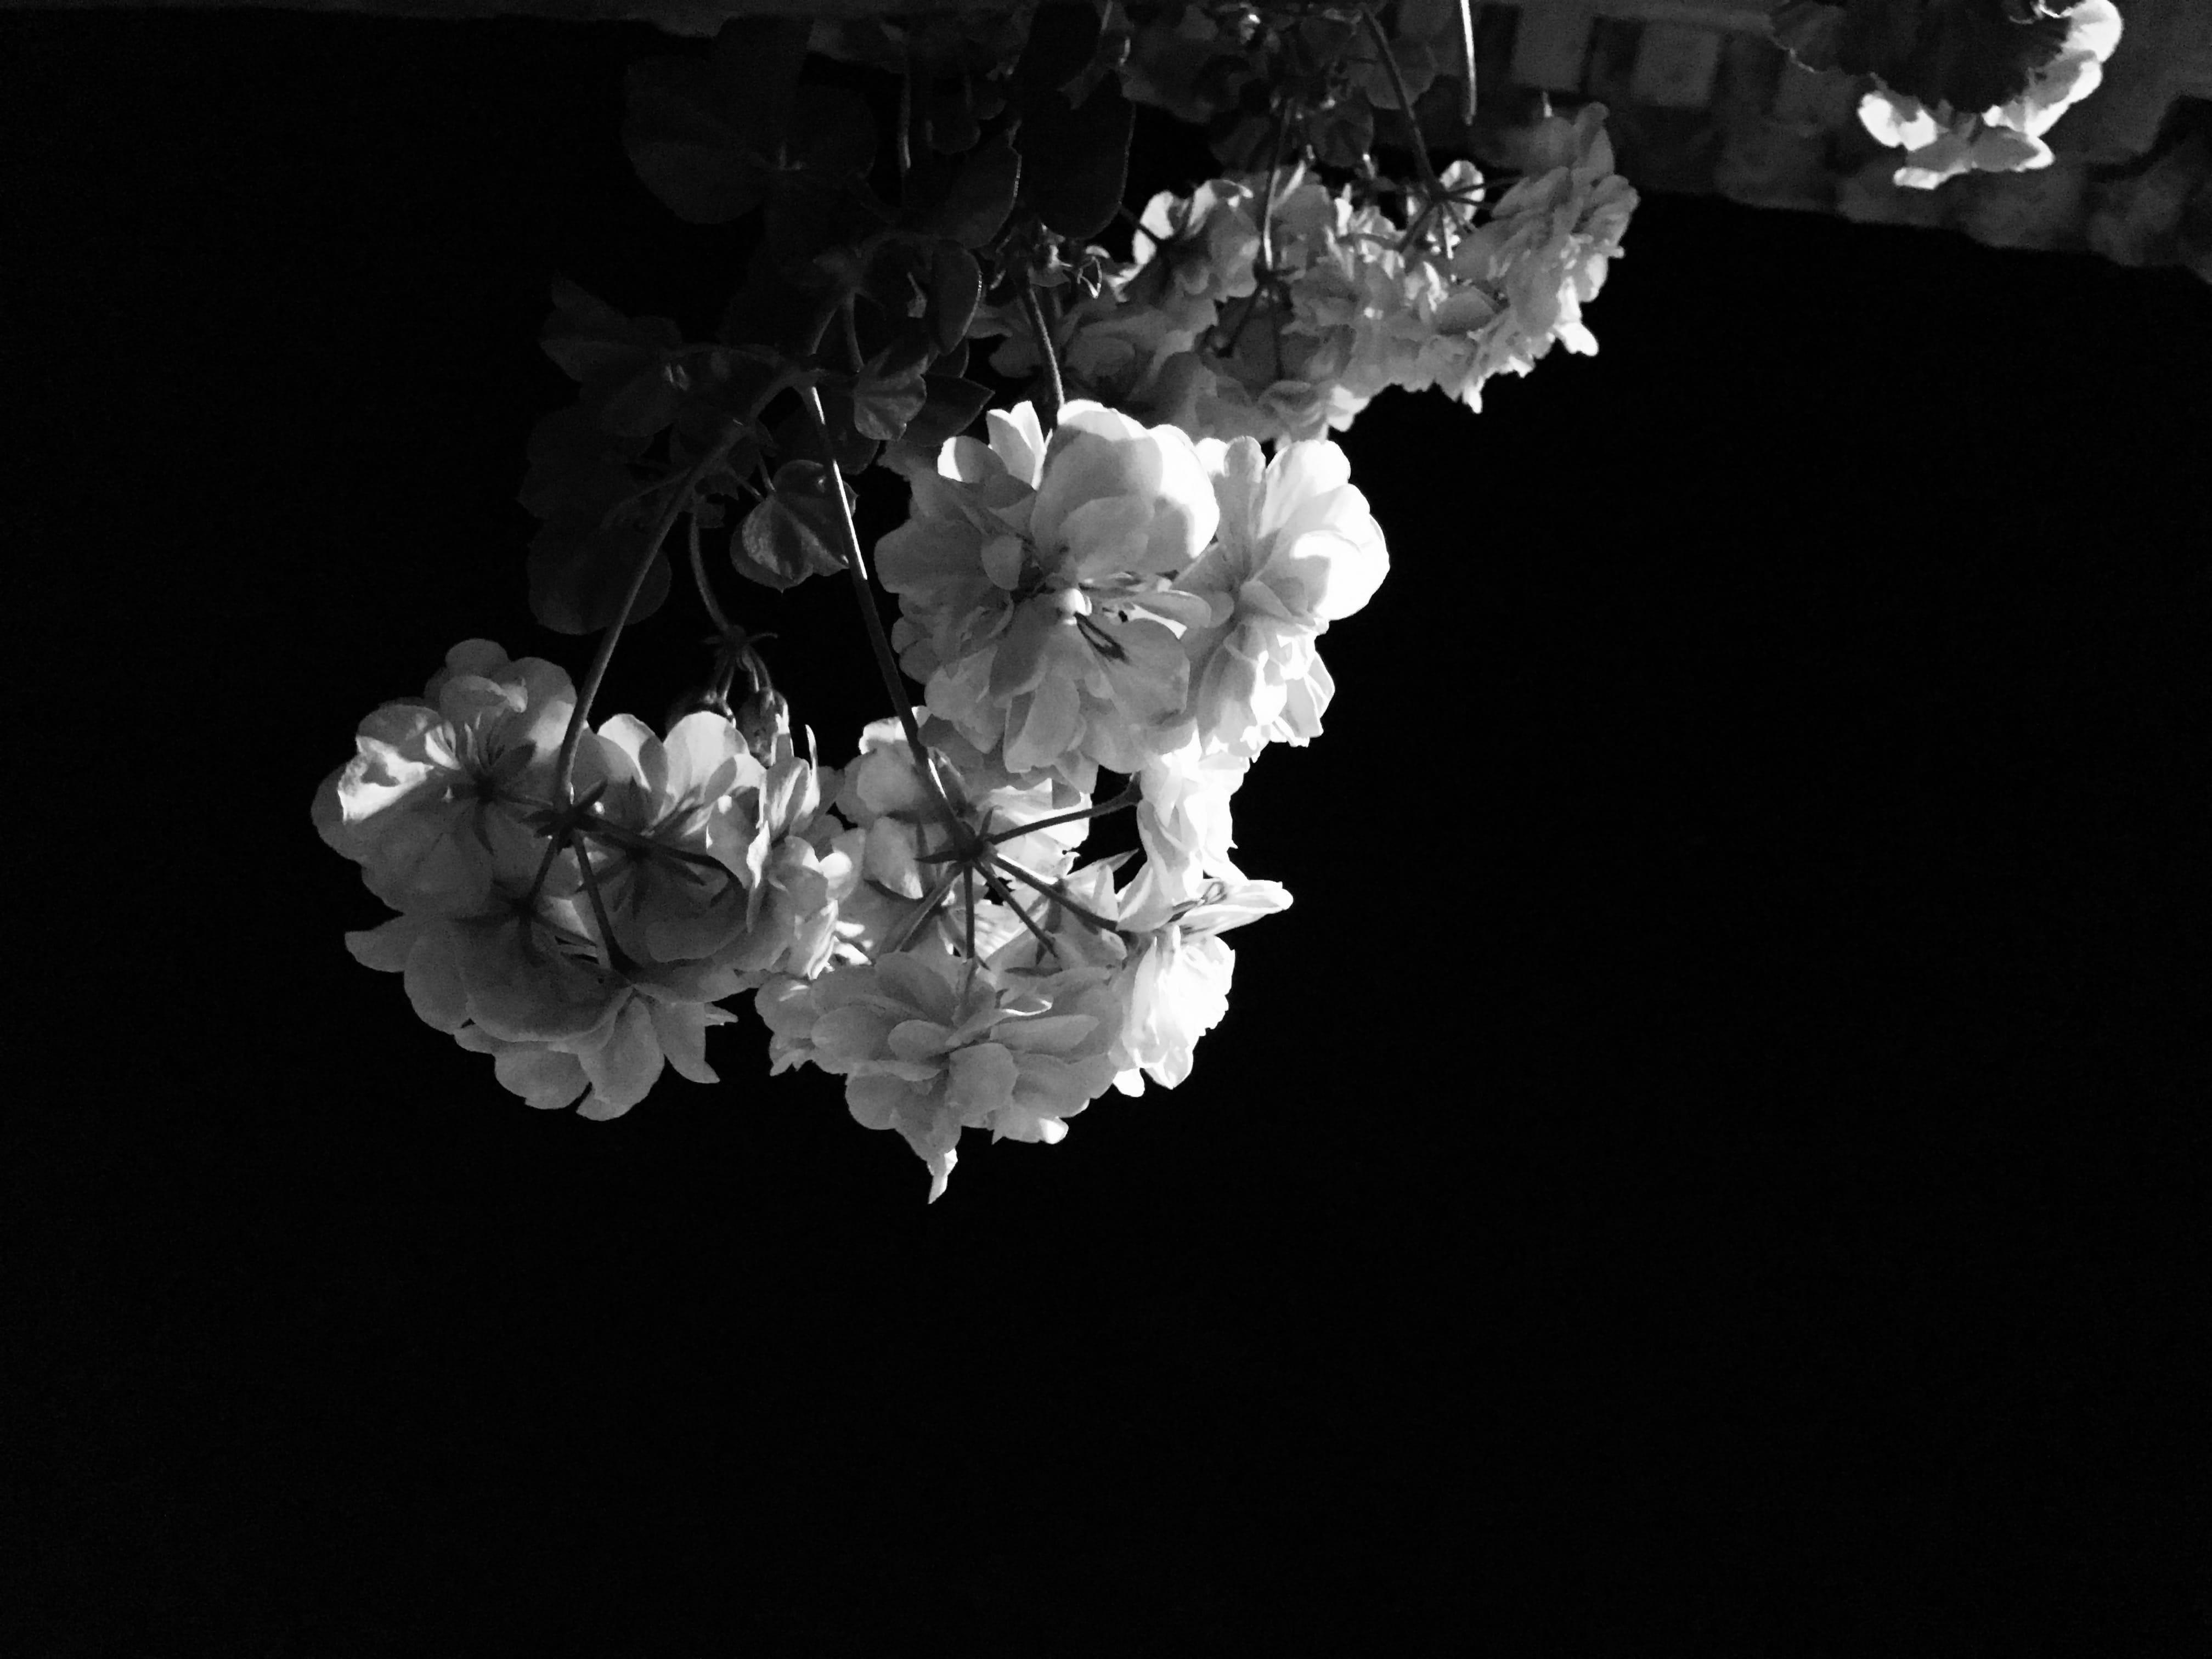 ©2015 Alagna